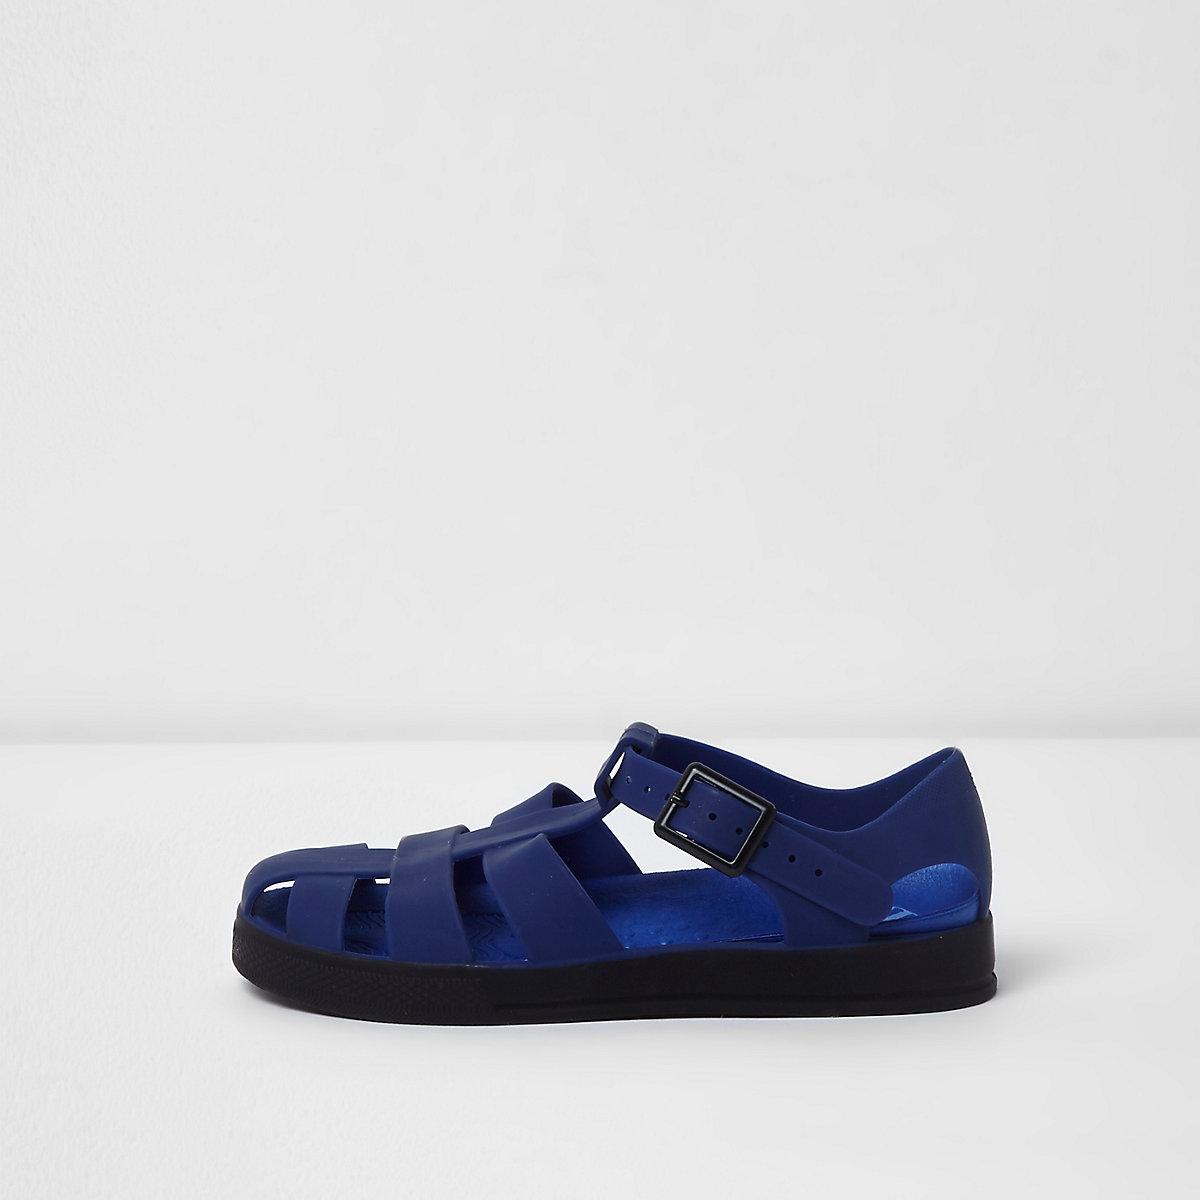 Boys navy jelly sandals